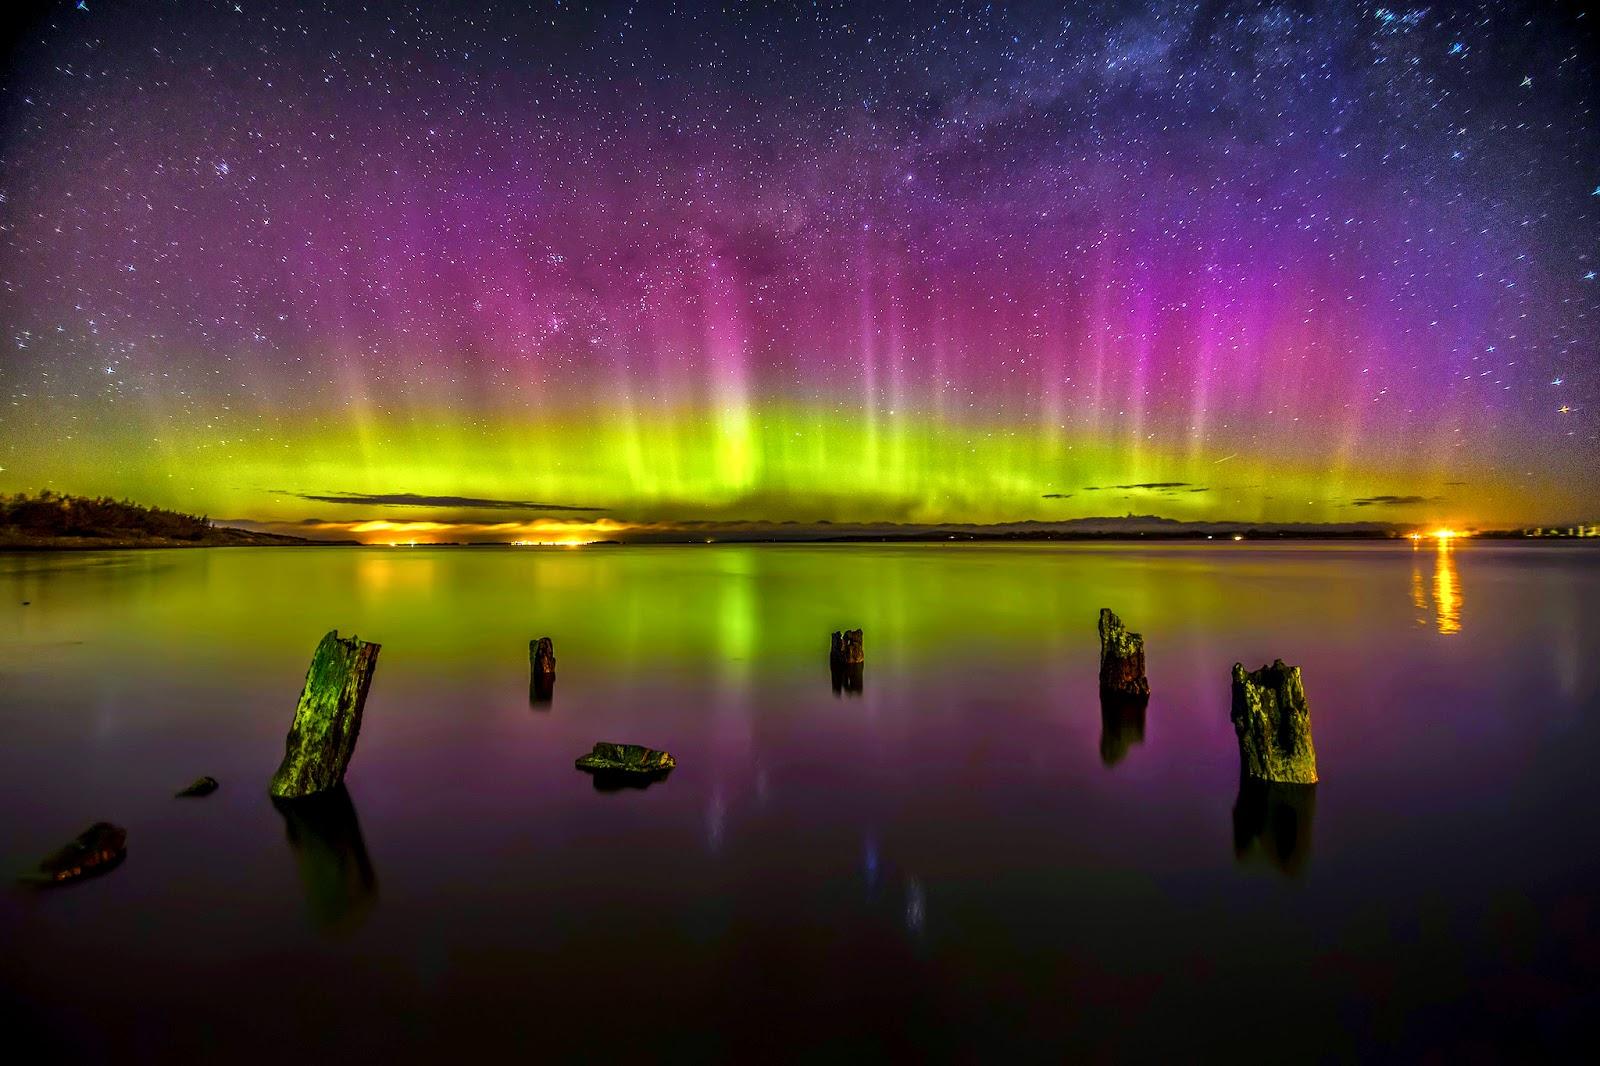 borealis alaska aura hd - photo #6